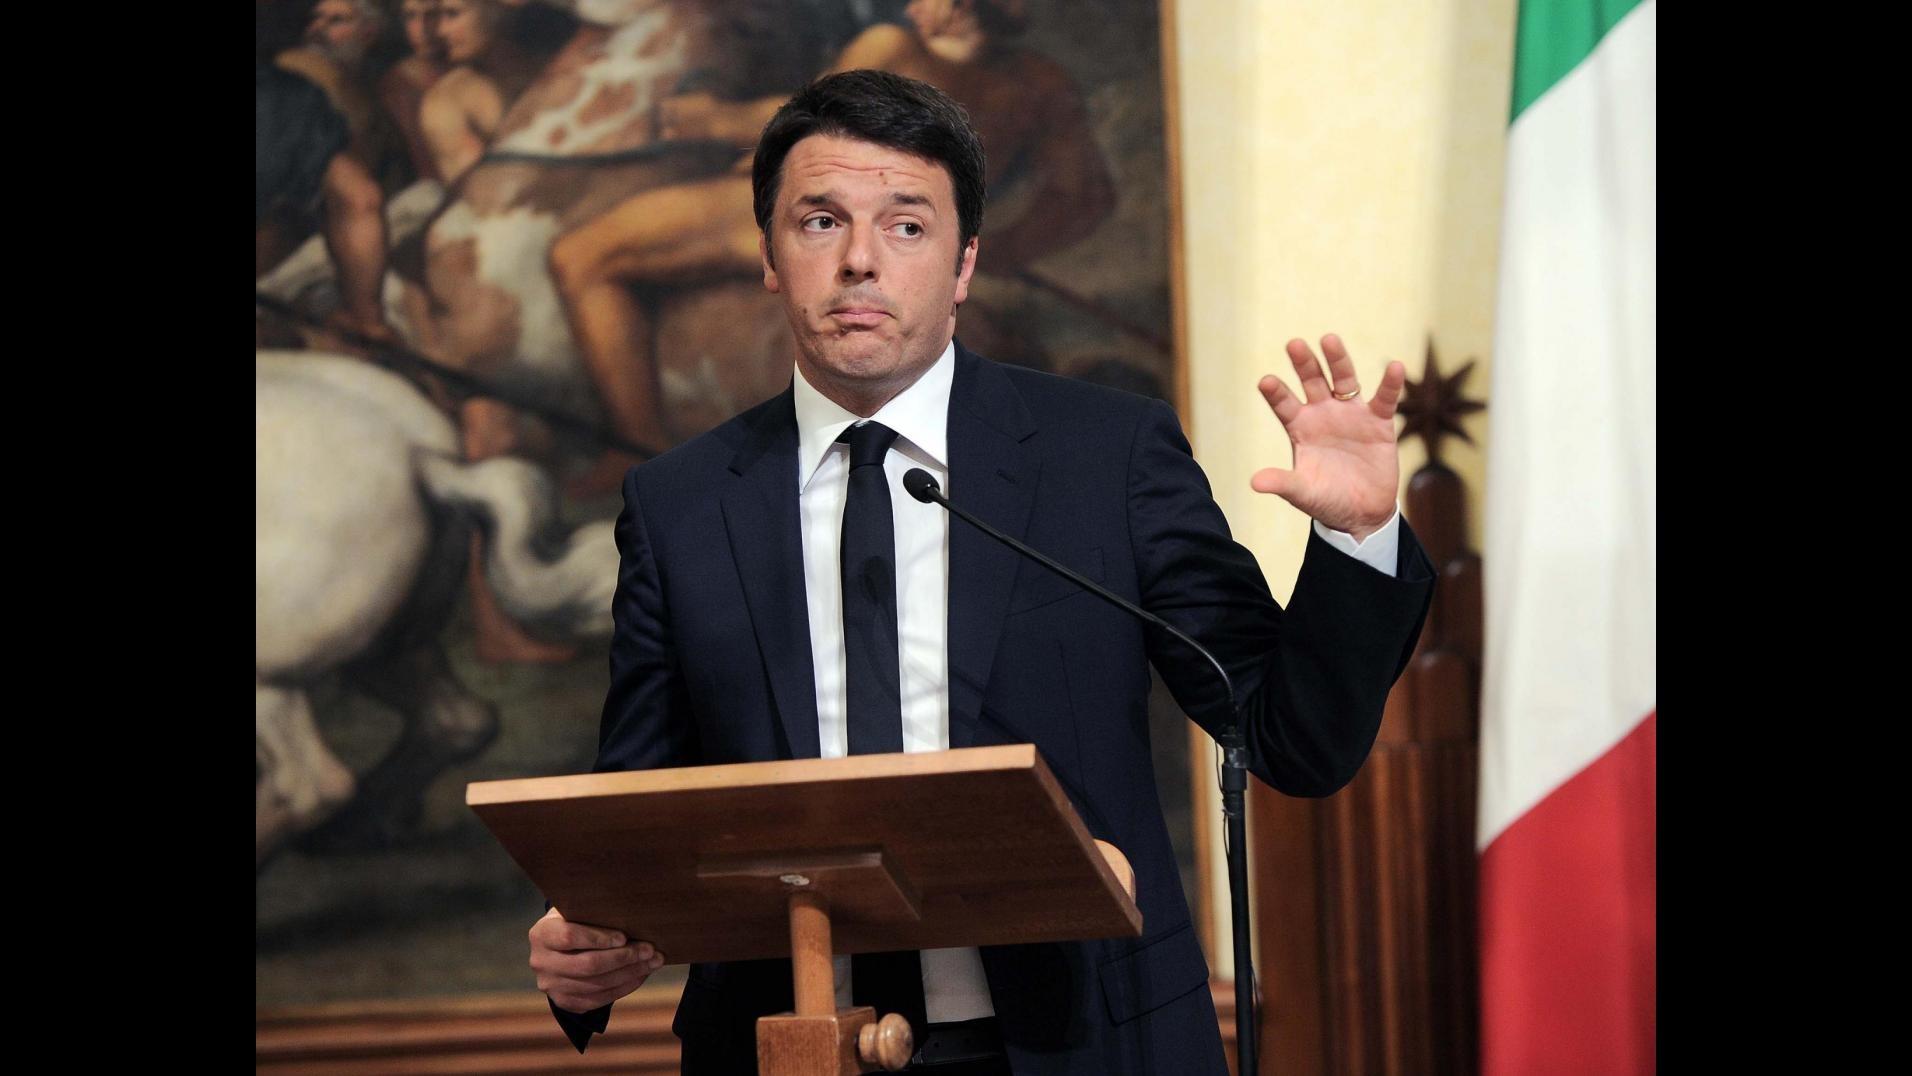 Renzi: All'Ue serve coraggio, paura amplificata dai social media